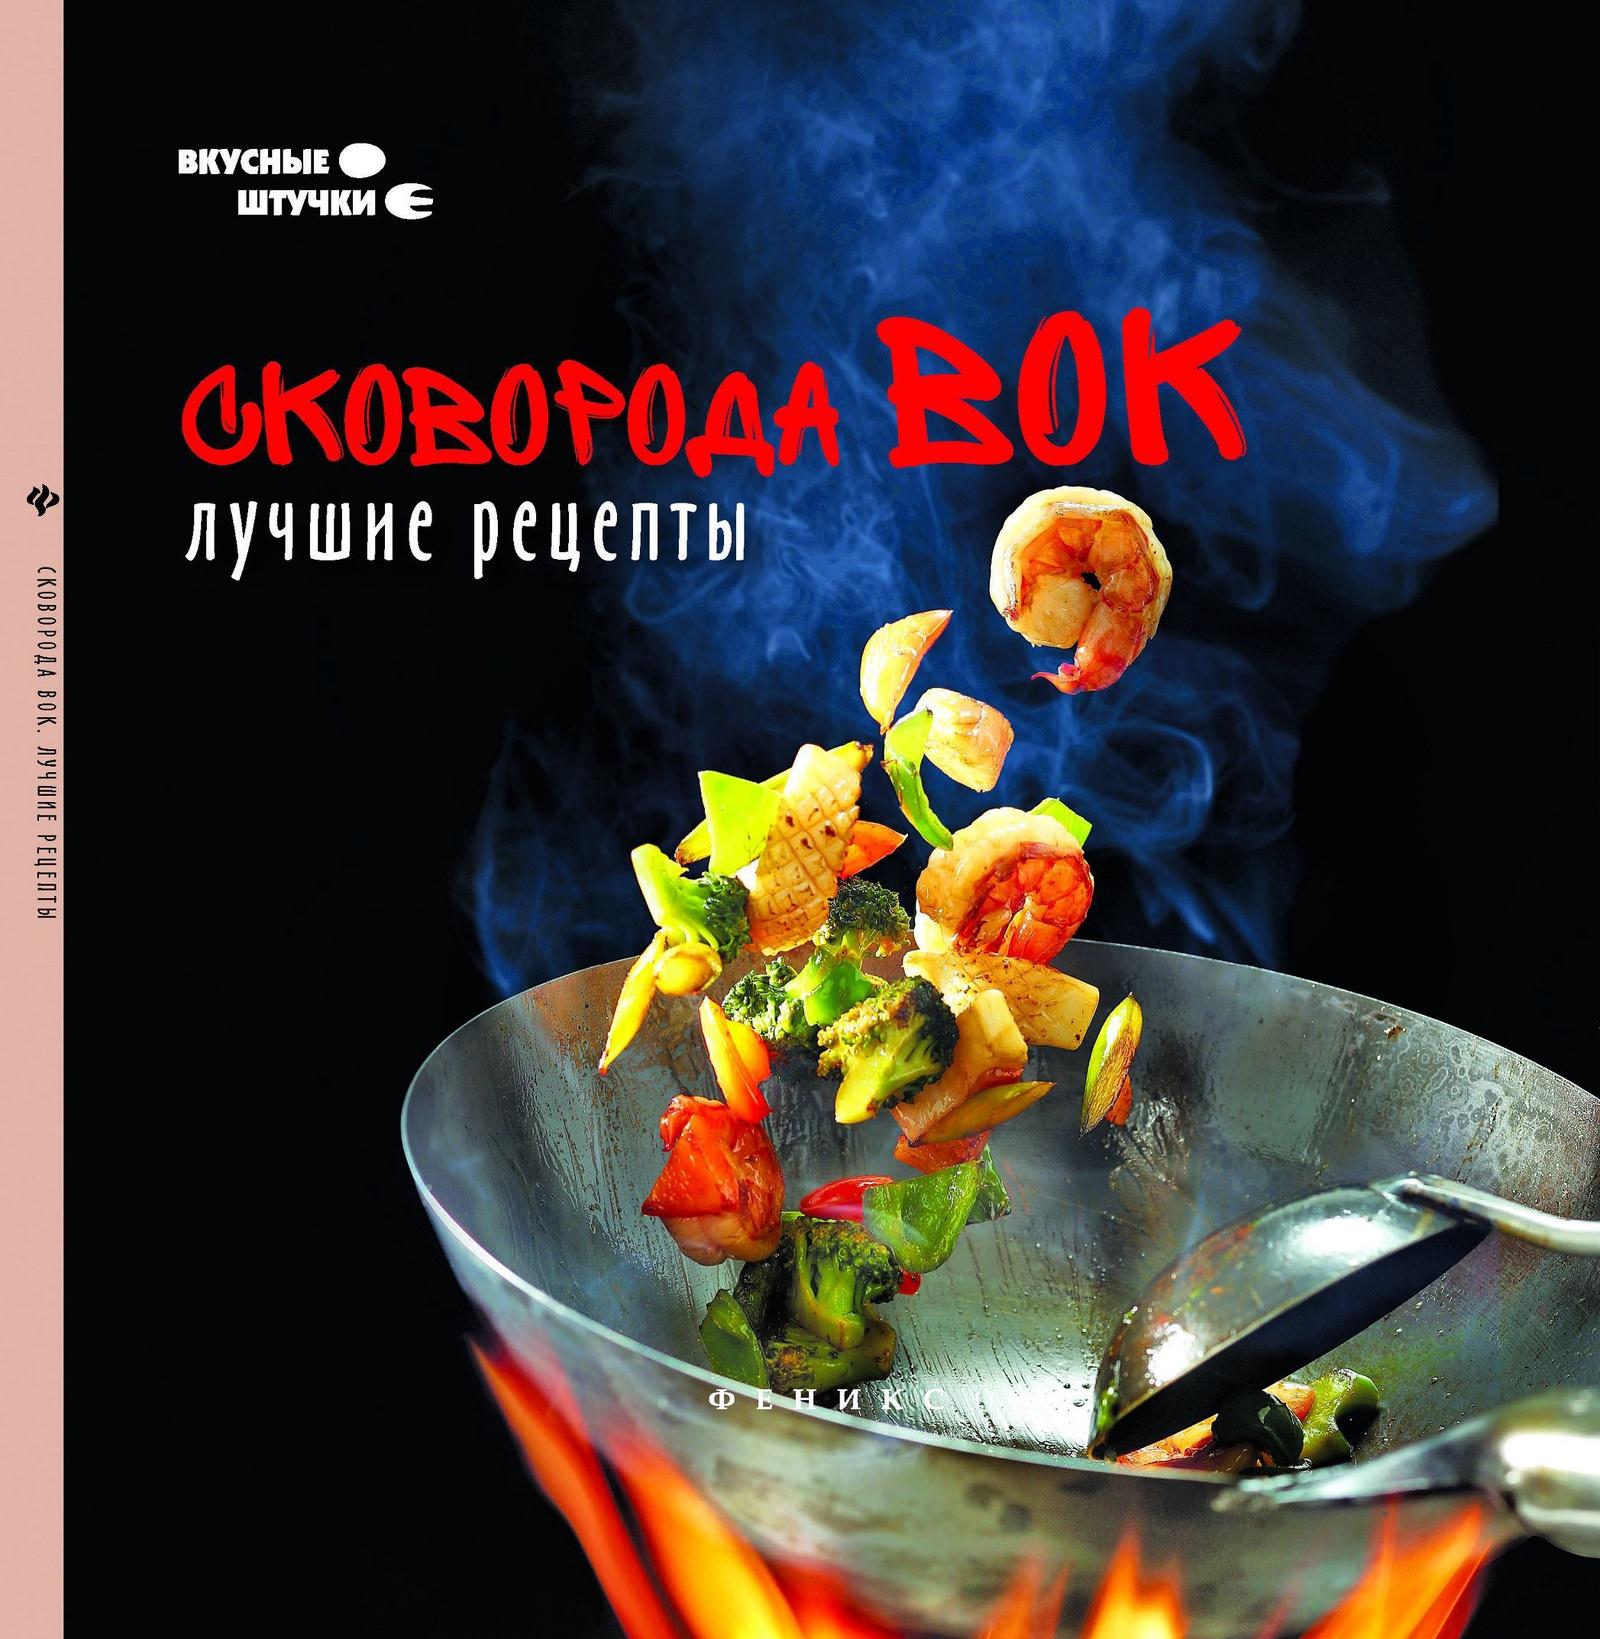 Сковорода вок: лучшие рецепты Феникс